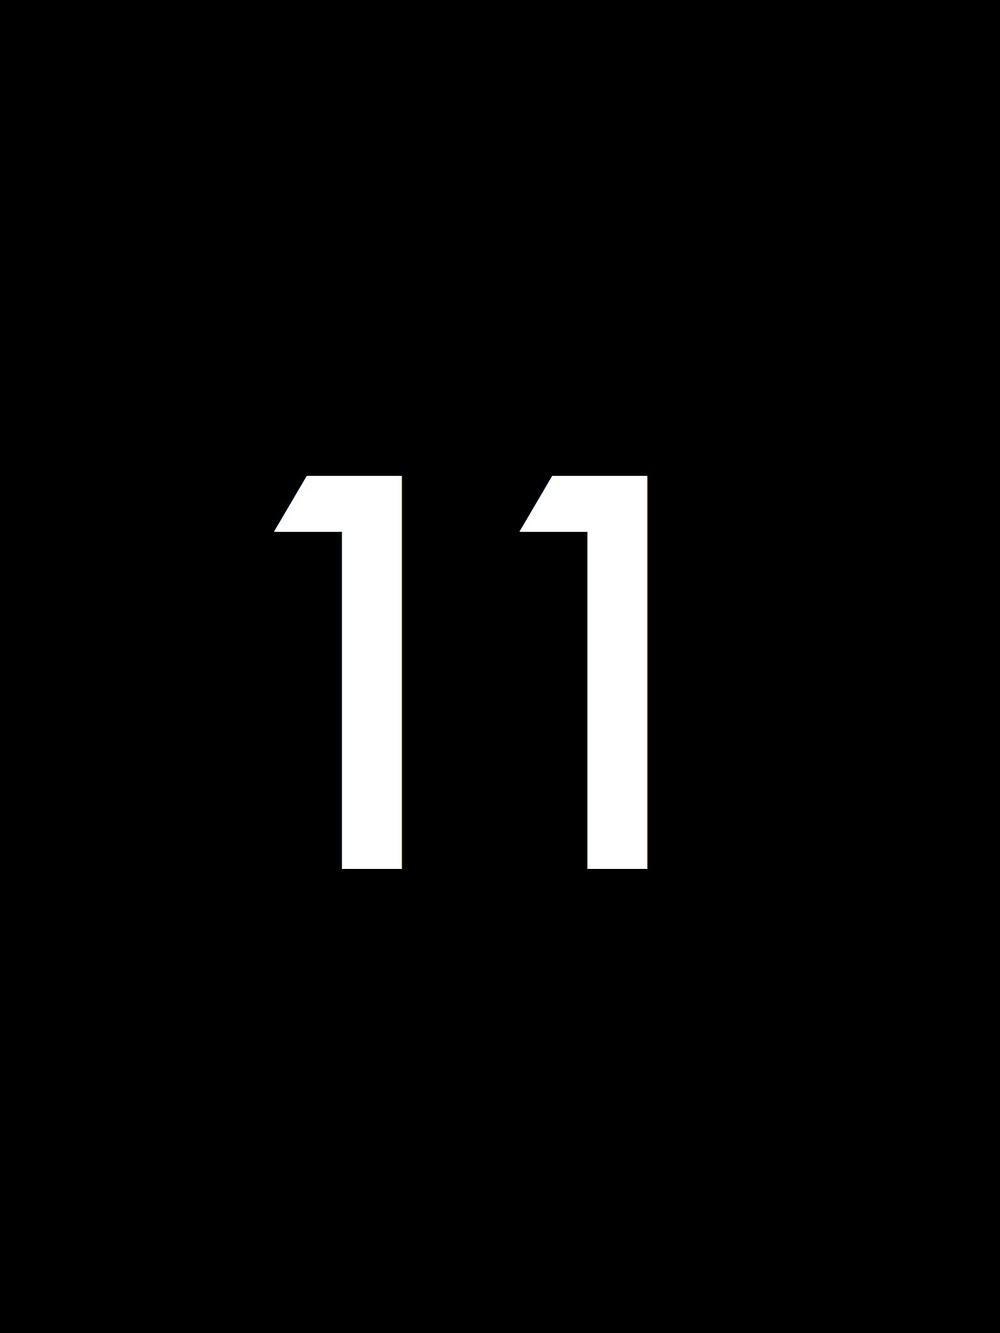 Black_Number.011.jpg